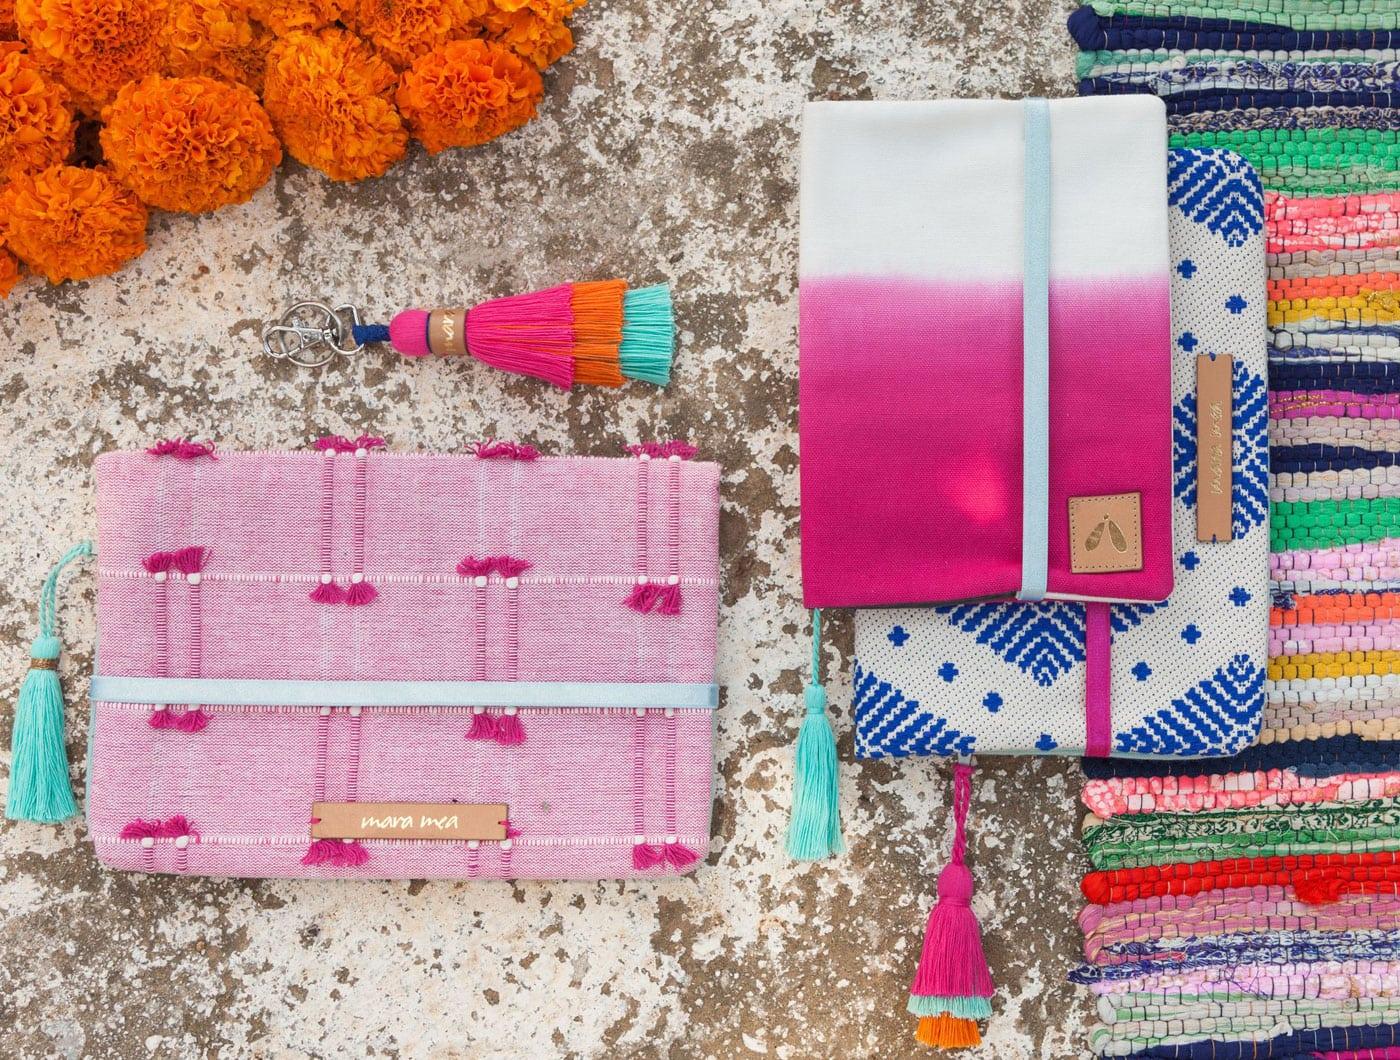 Geschenke für Mamas: Tolle Wickeltaschen von mara mea // HIMBEER